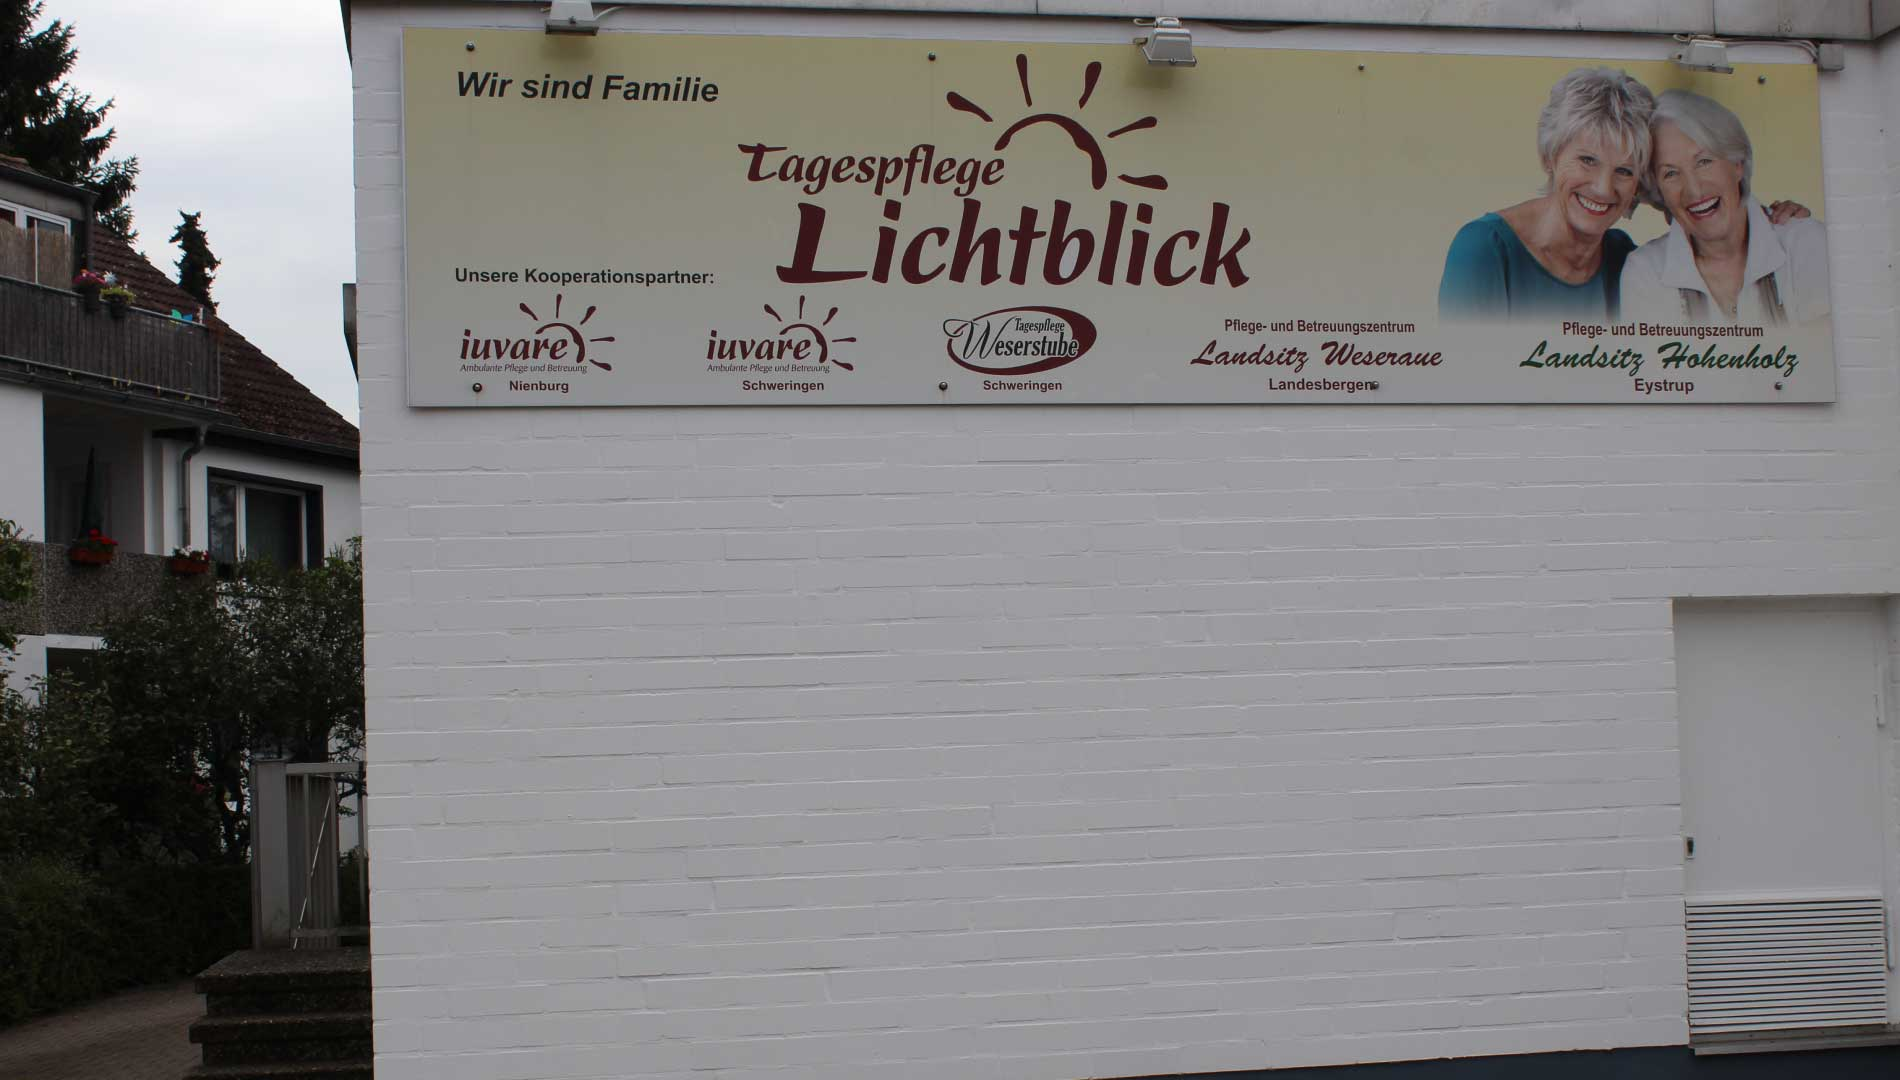 Tagespflege Lichtblick 31582 Nienburg